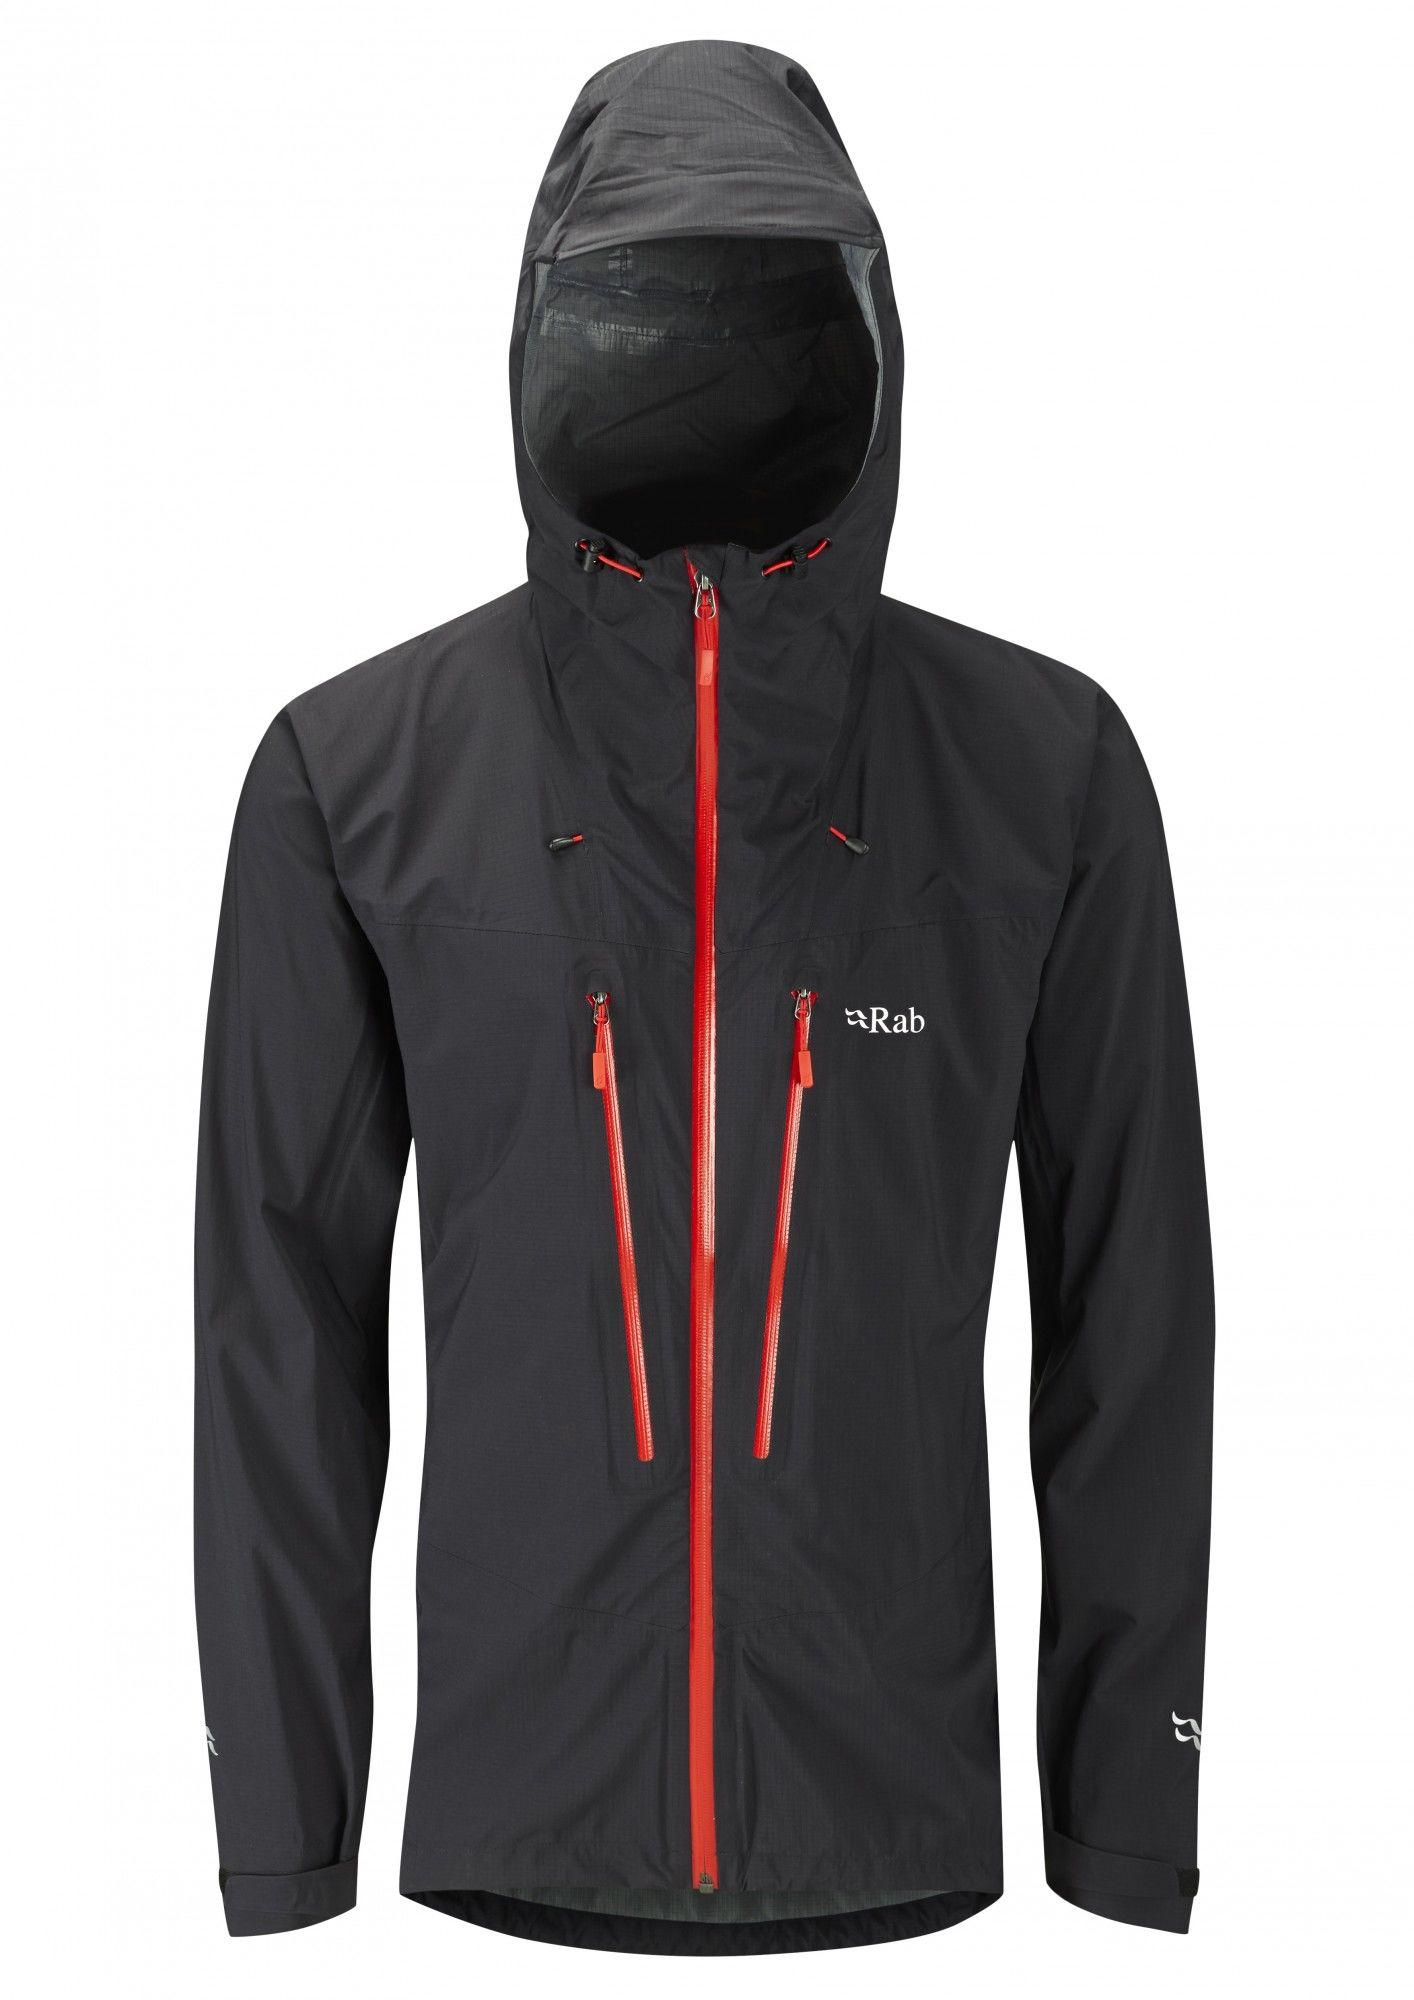 Rab M Spark Jacket | Größe S,M,L,XL,XXL | Herren Regenjacke